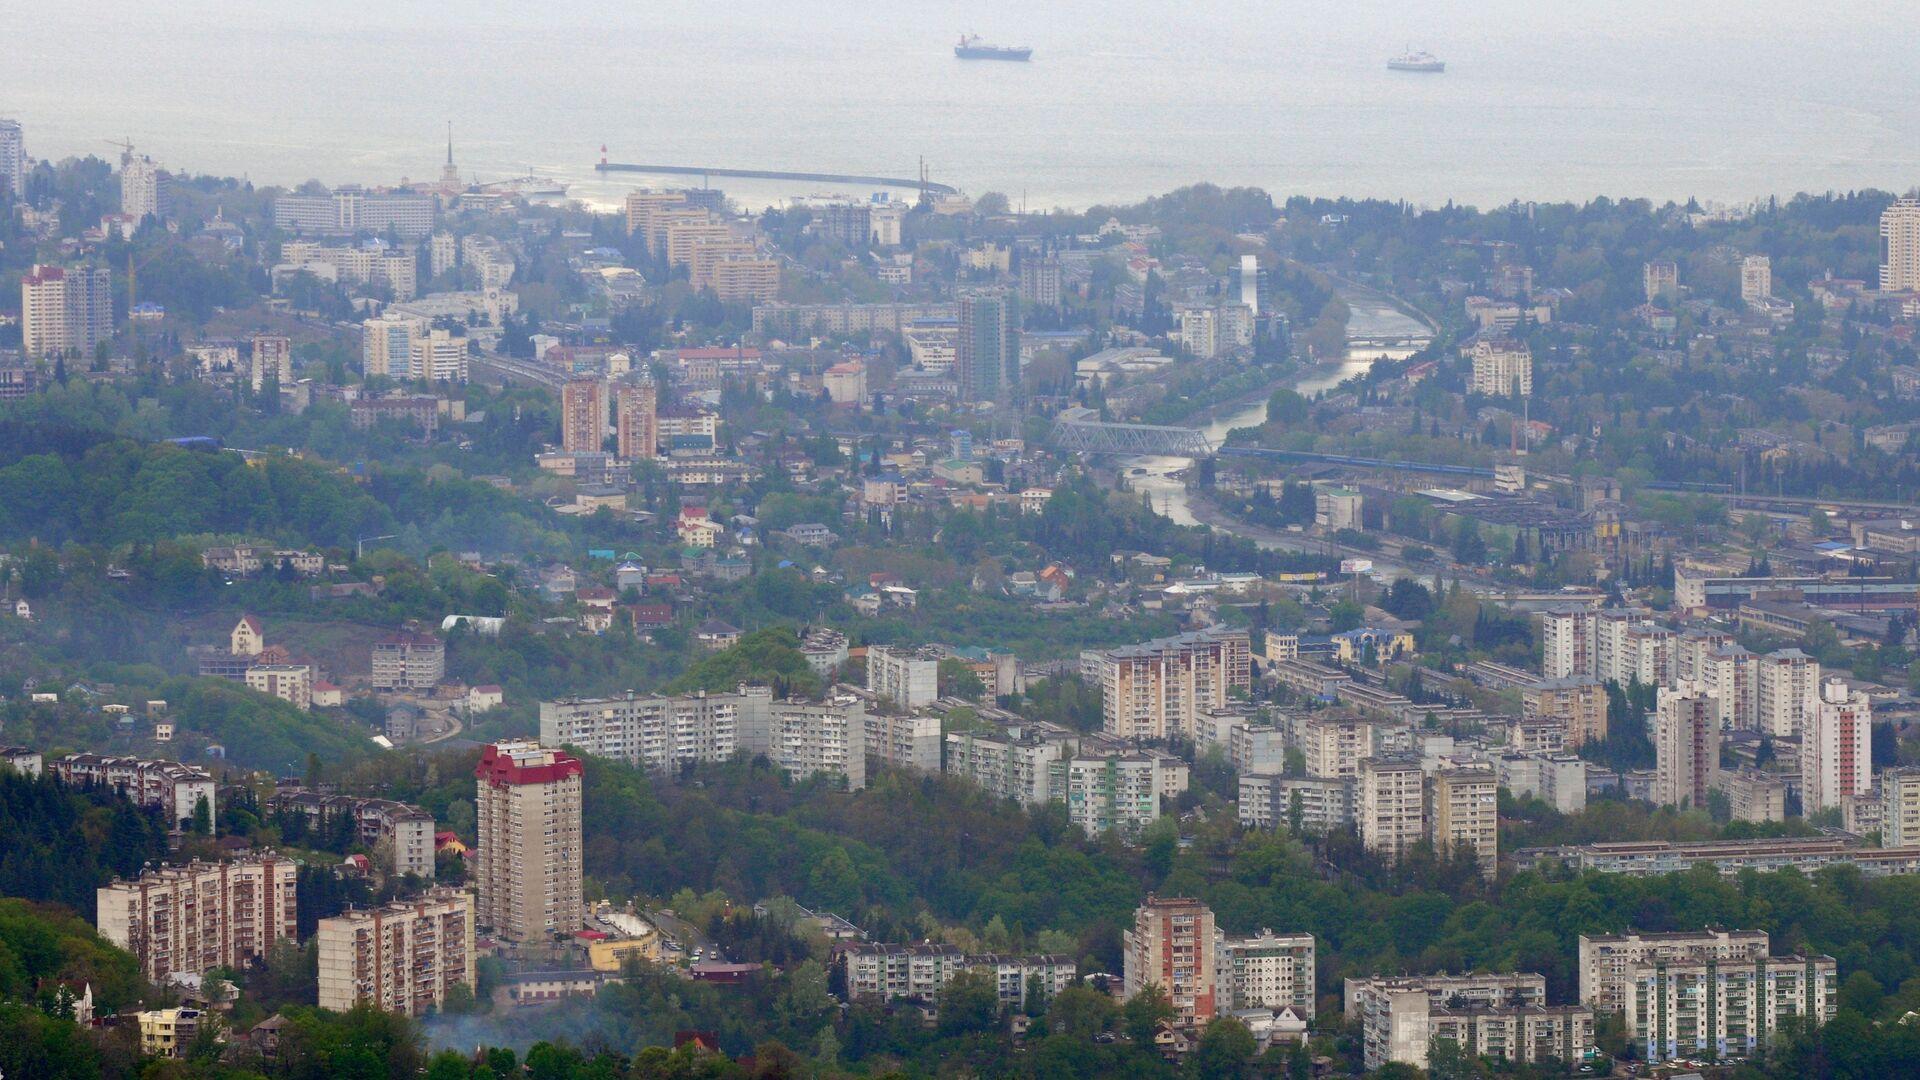 Панорама города Сочи - РИА Новости, 1920, 08.01.2021